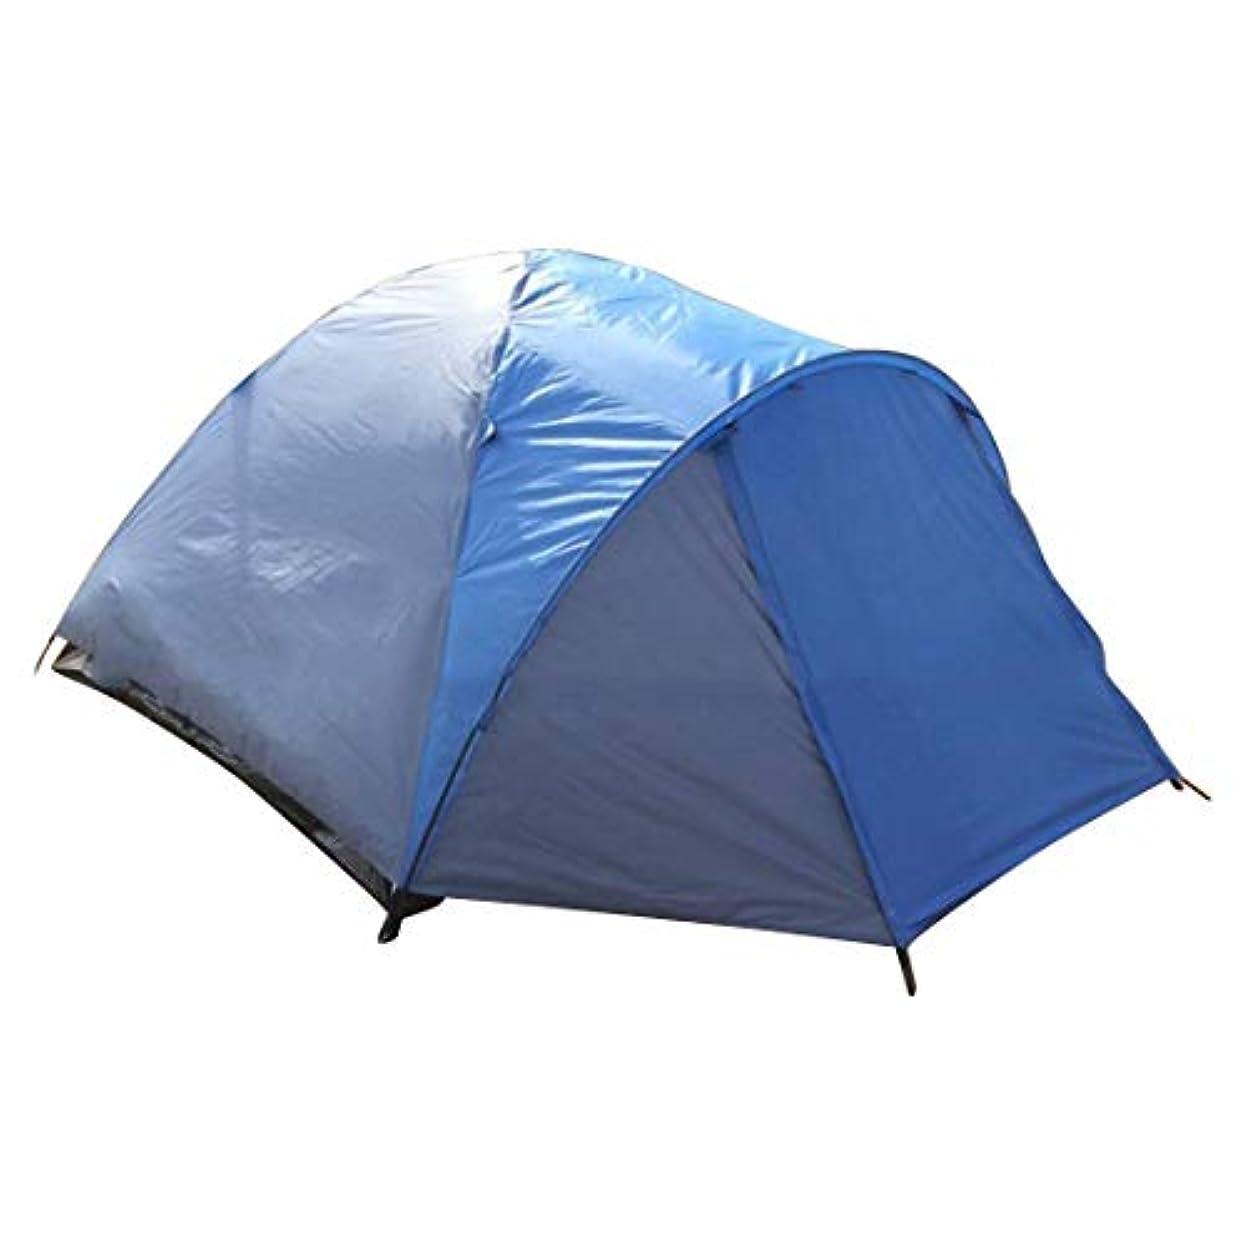 花束くるみ植木屋外のキャンプのためのMHKBD-JP 3人か4人のテント キャンプテント (色 : 青)